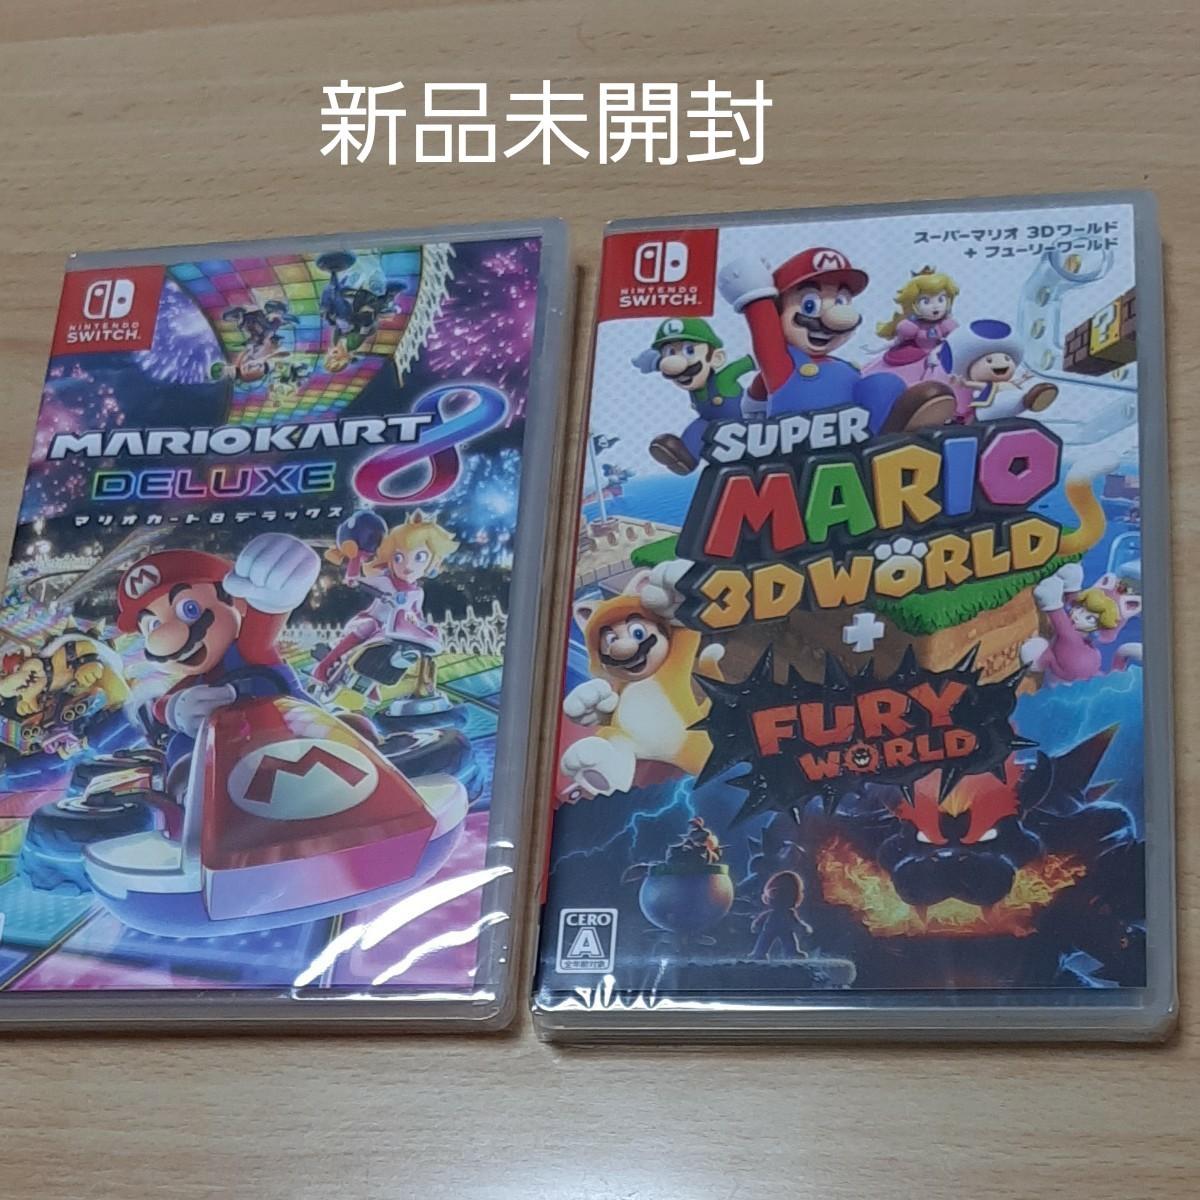 【Switch】 スーパーマリオ 3Dワールド+フューリーワールド &  マリオカート8デラックス